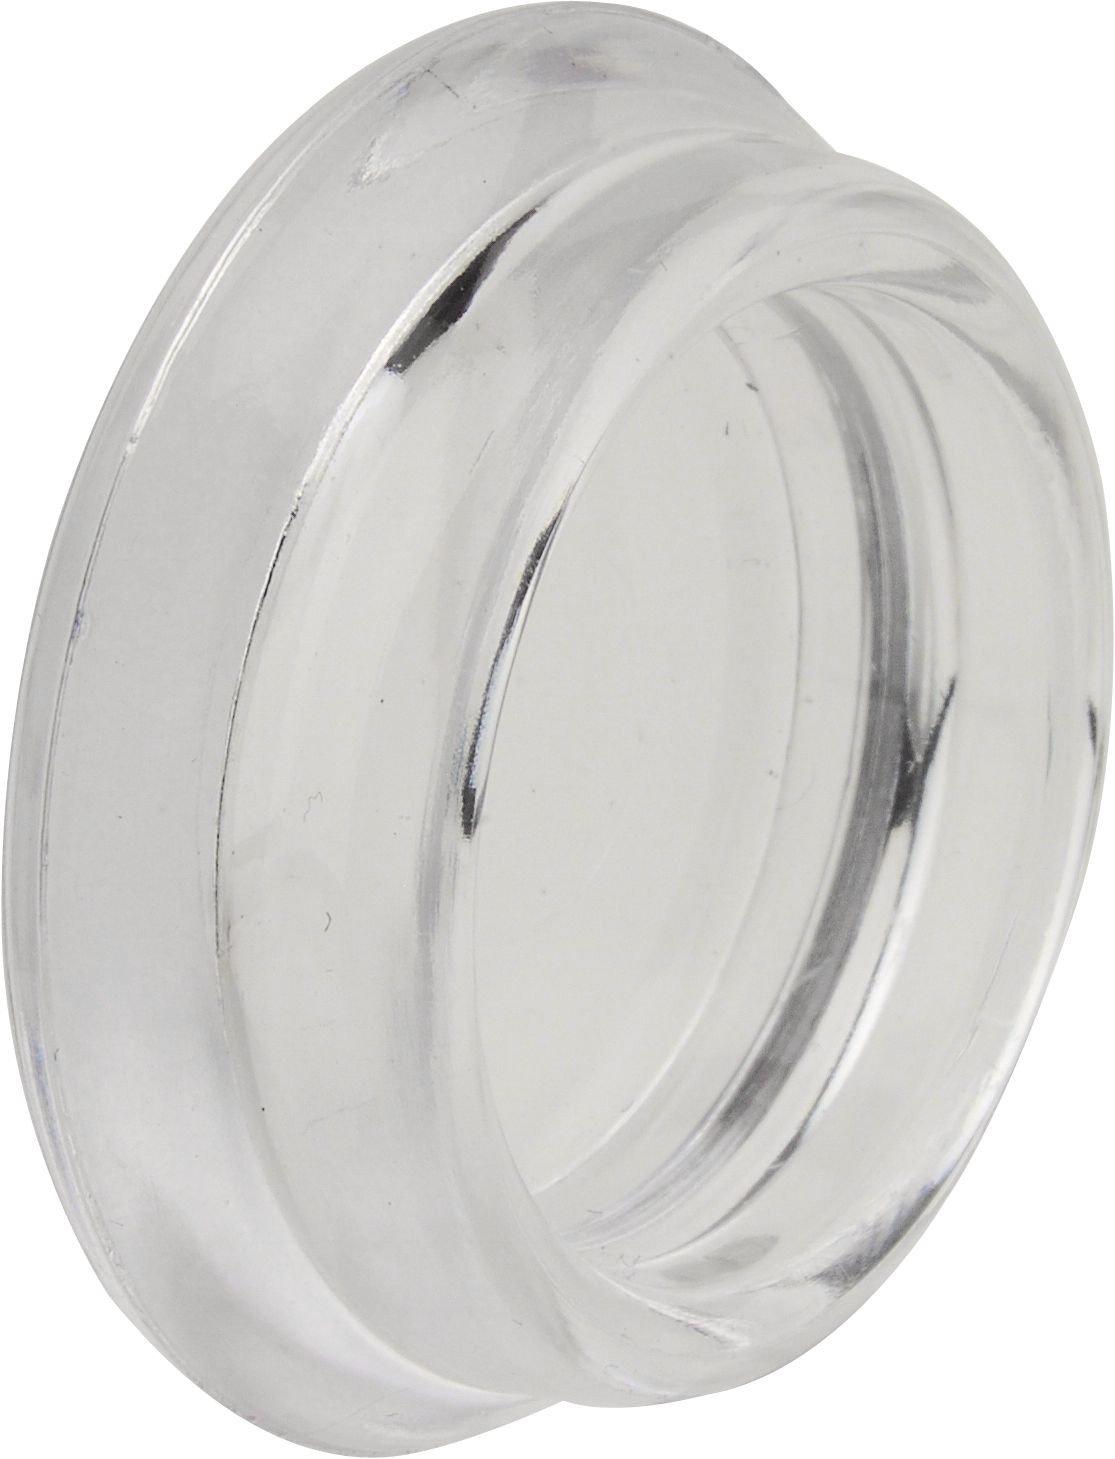 trasparente 4 pezzi rotondo peha/® sottopiedi per mobili // pianoforte // antiscivolo /Ø 40 mm